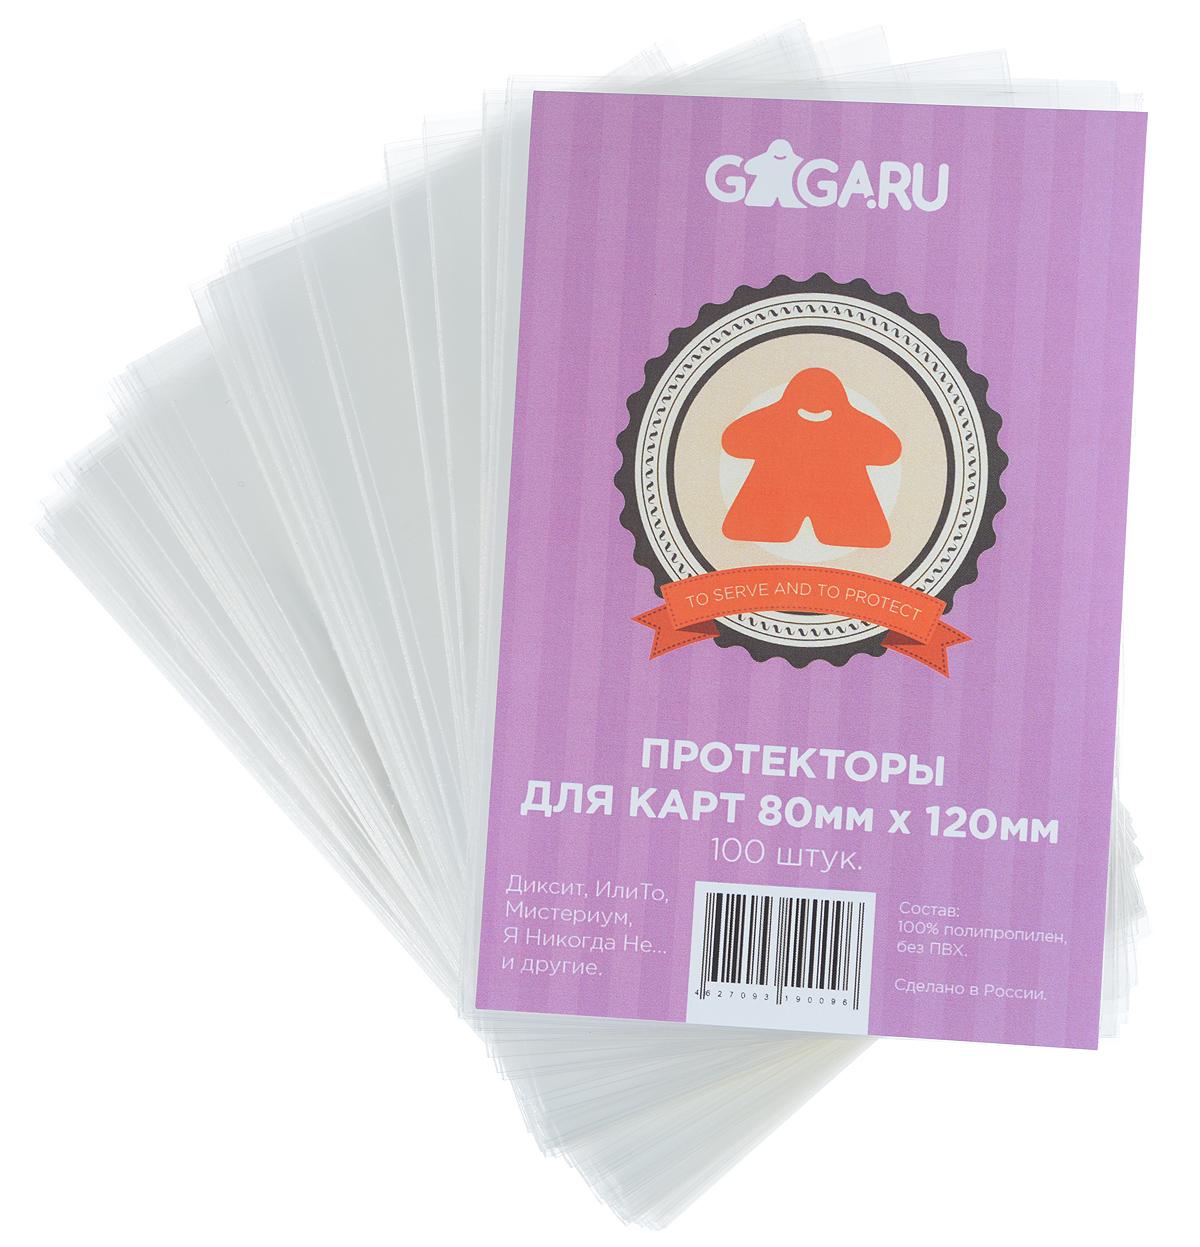 Набор защитных кармашков для карт GaGa Dixit , размер: 80х120 мм, 100 штУТ-00003122Эти протекторы защитят ваши карточки от чего угодно - влаги, пыли, ветра, зноя... Подойдут для таких игр, как Диксит, Илито, Я Никогда Не... и другие. Изготовлены из полипропилена, не содержат ПВХ.